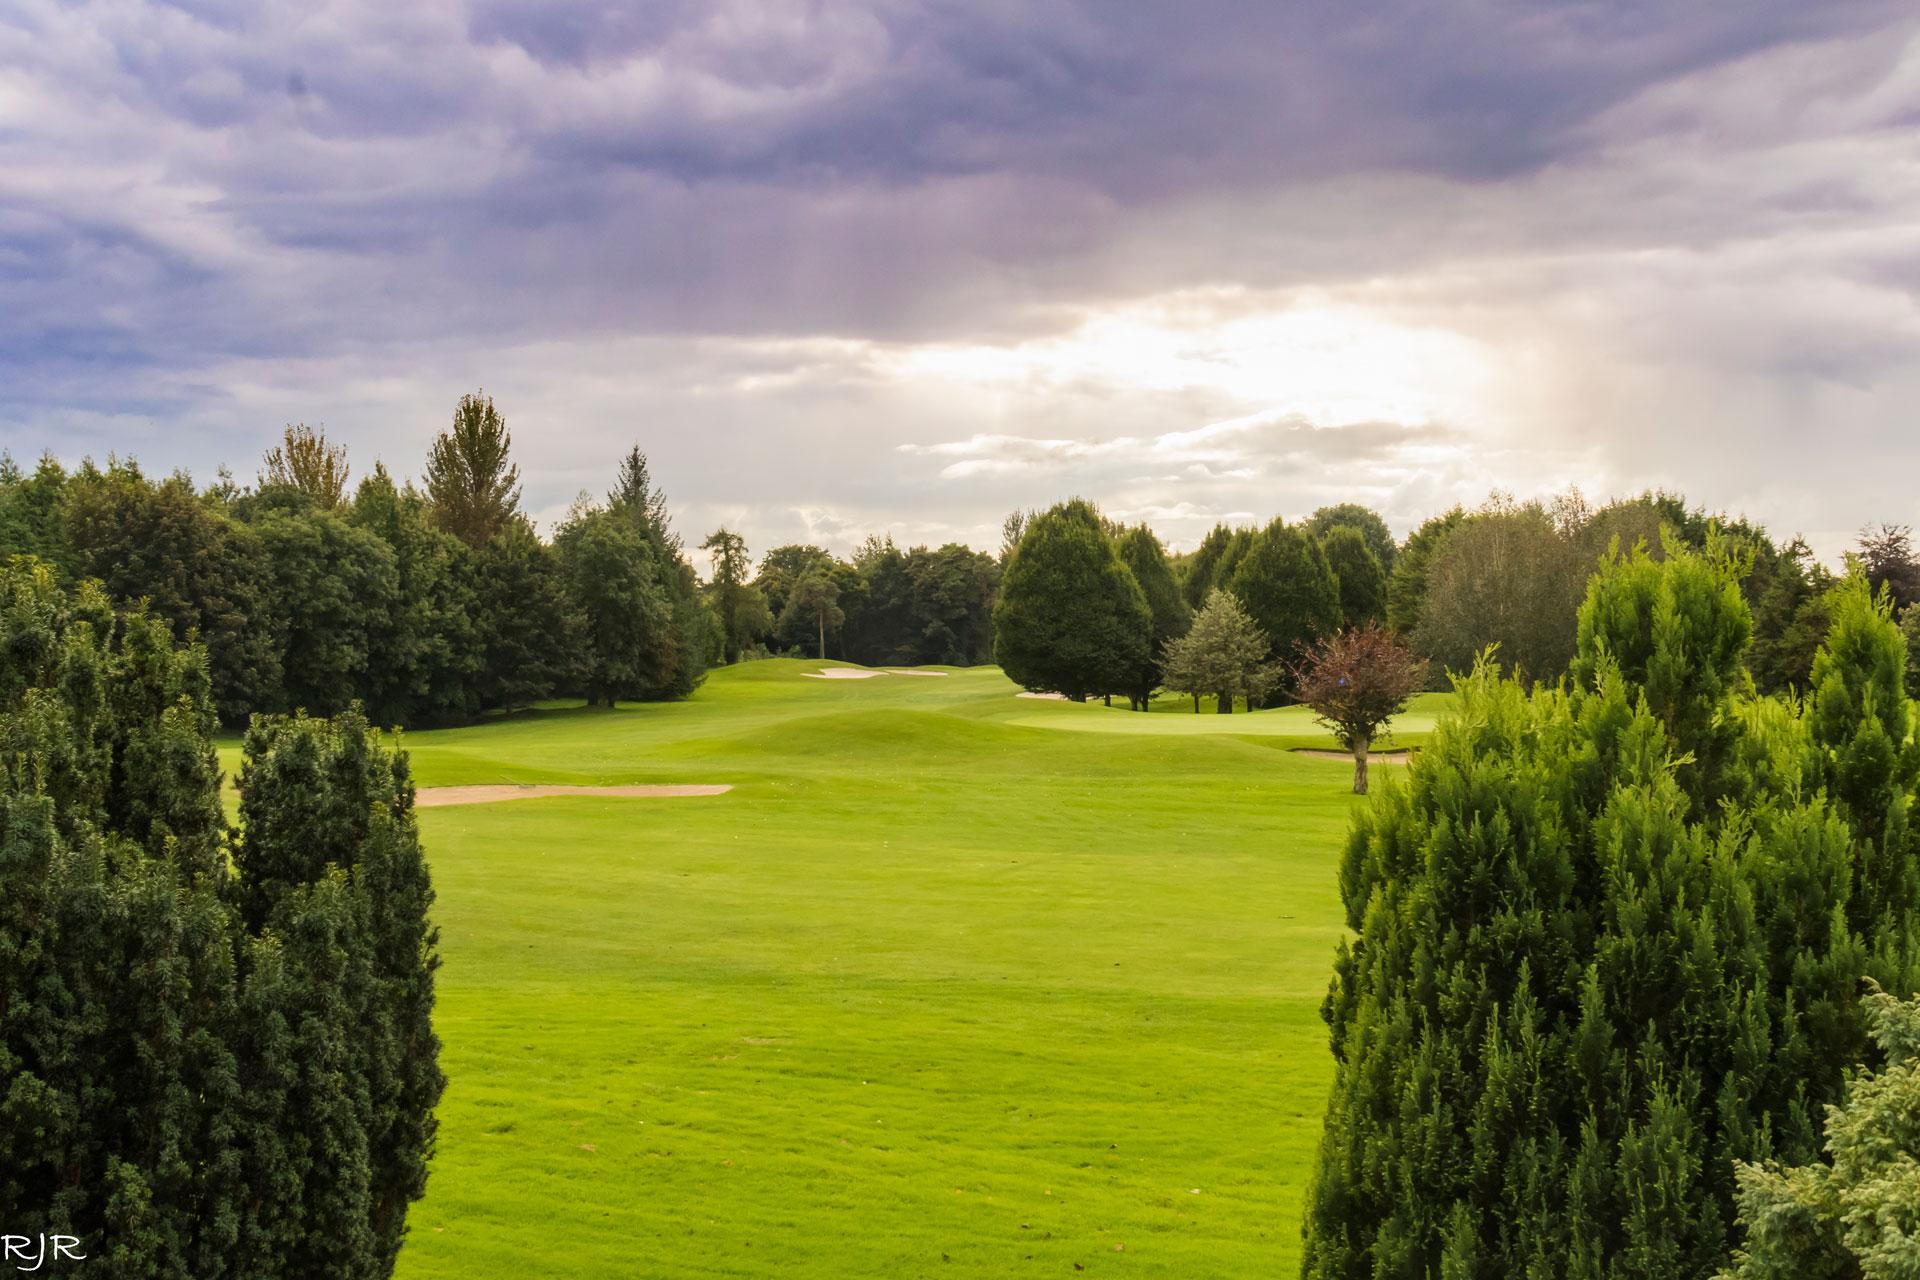 Co. Meath Golf Club